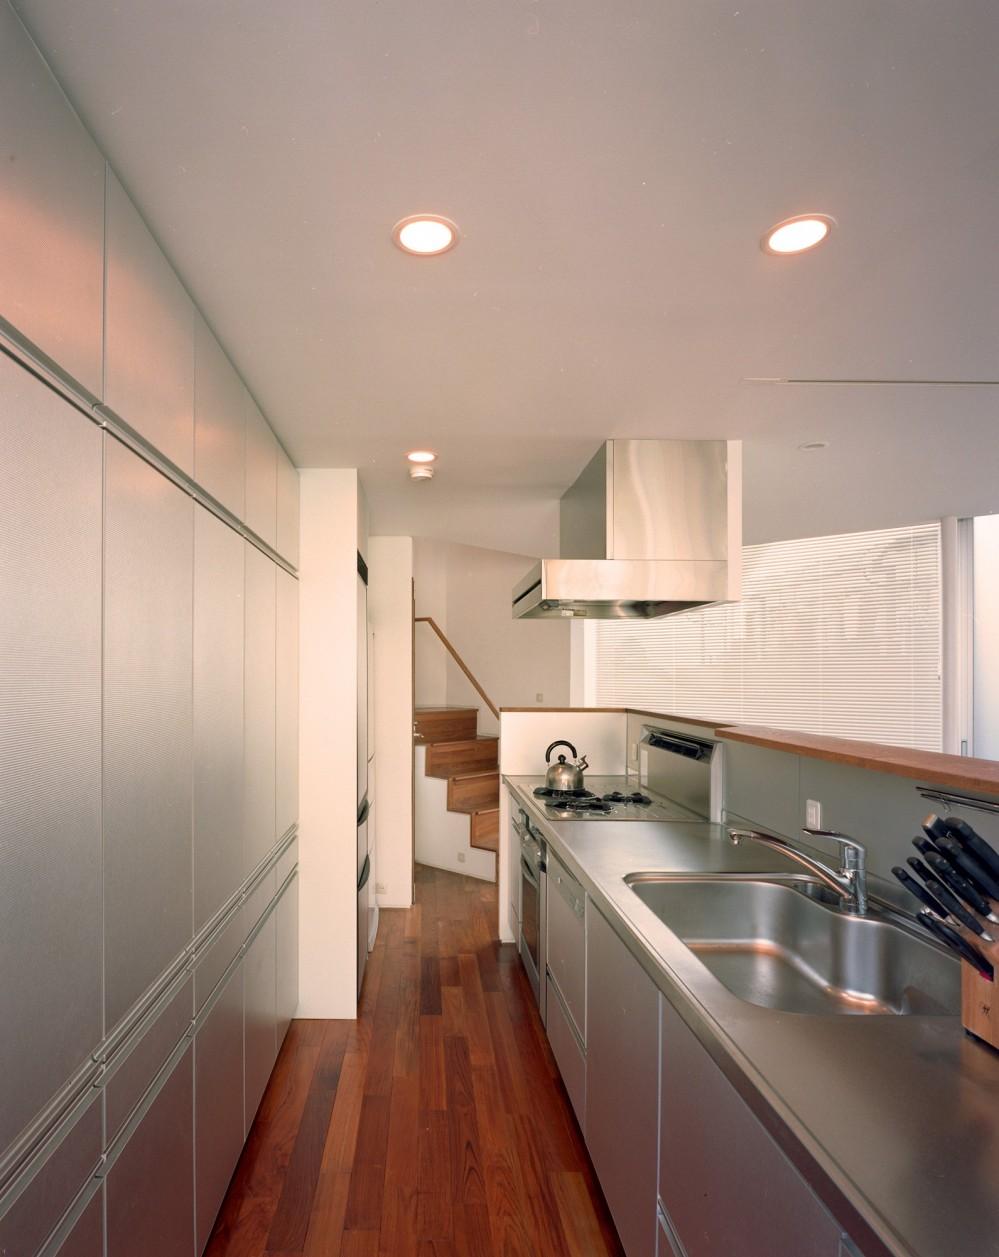 【トライアングル・ハウス】 空間に変化を生み出す三角形平面 (キッチン)